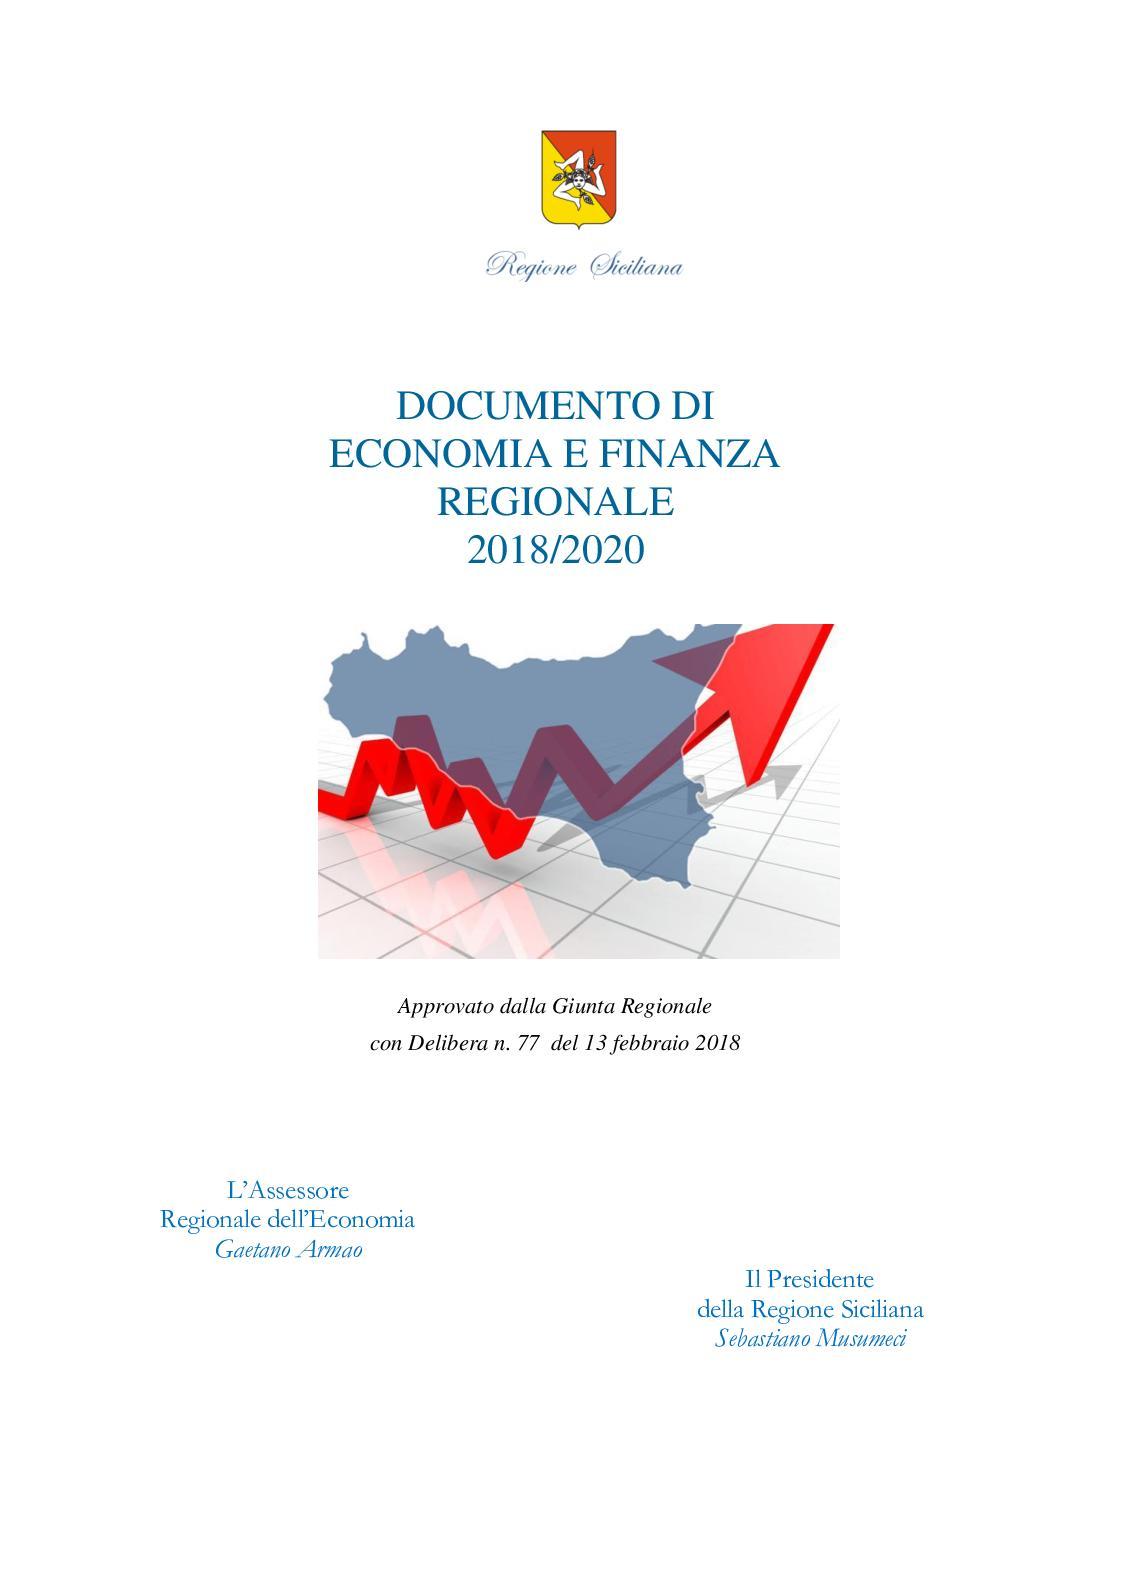 progetto di recupero del credito impot 2020